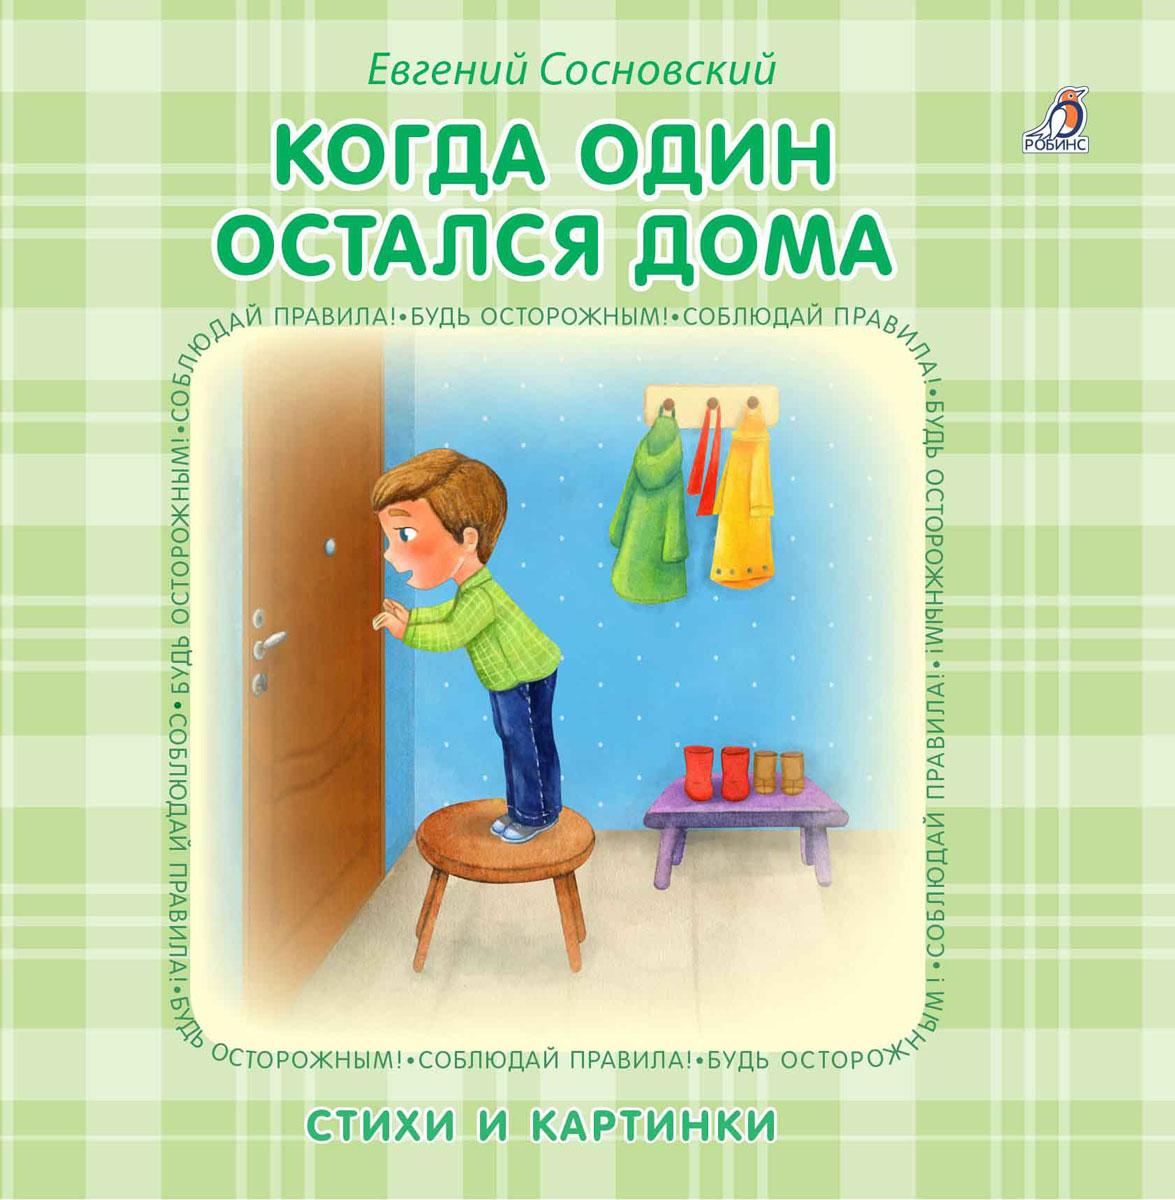 Сергеев день, один дома в картинках для детей